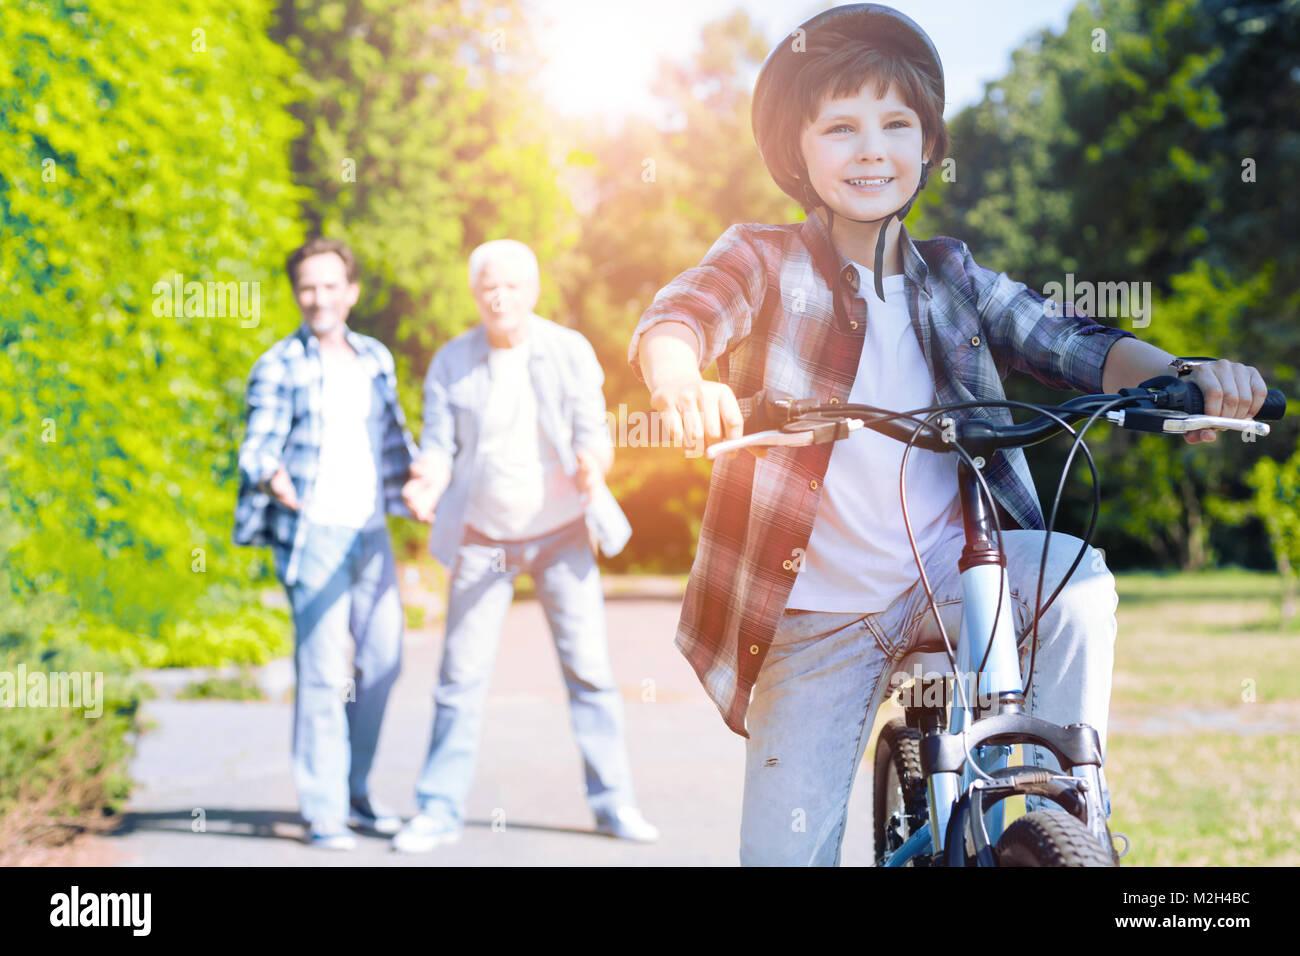 Animado garoto aprendendo a passeio de bicicleta ao ar livre Imagens de Stock